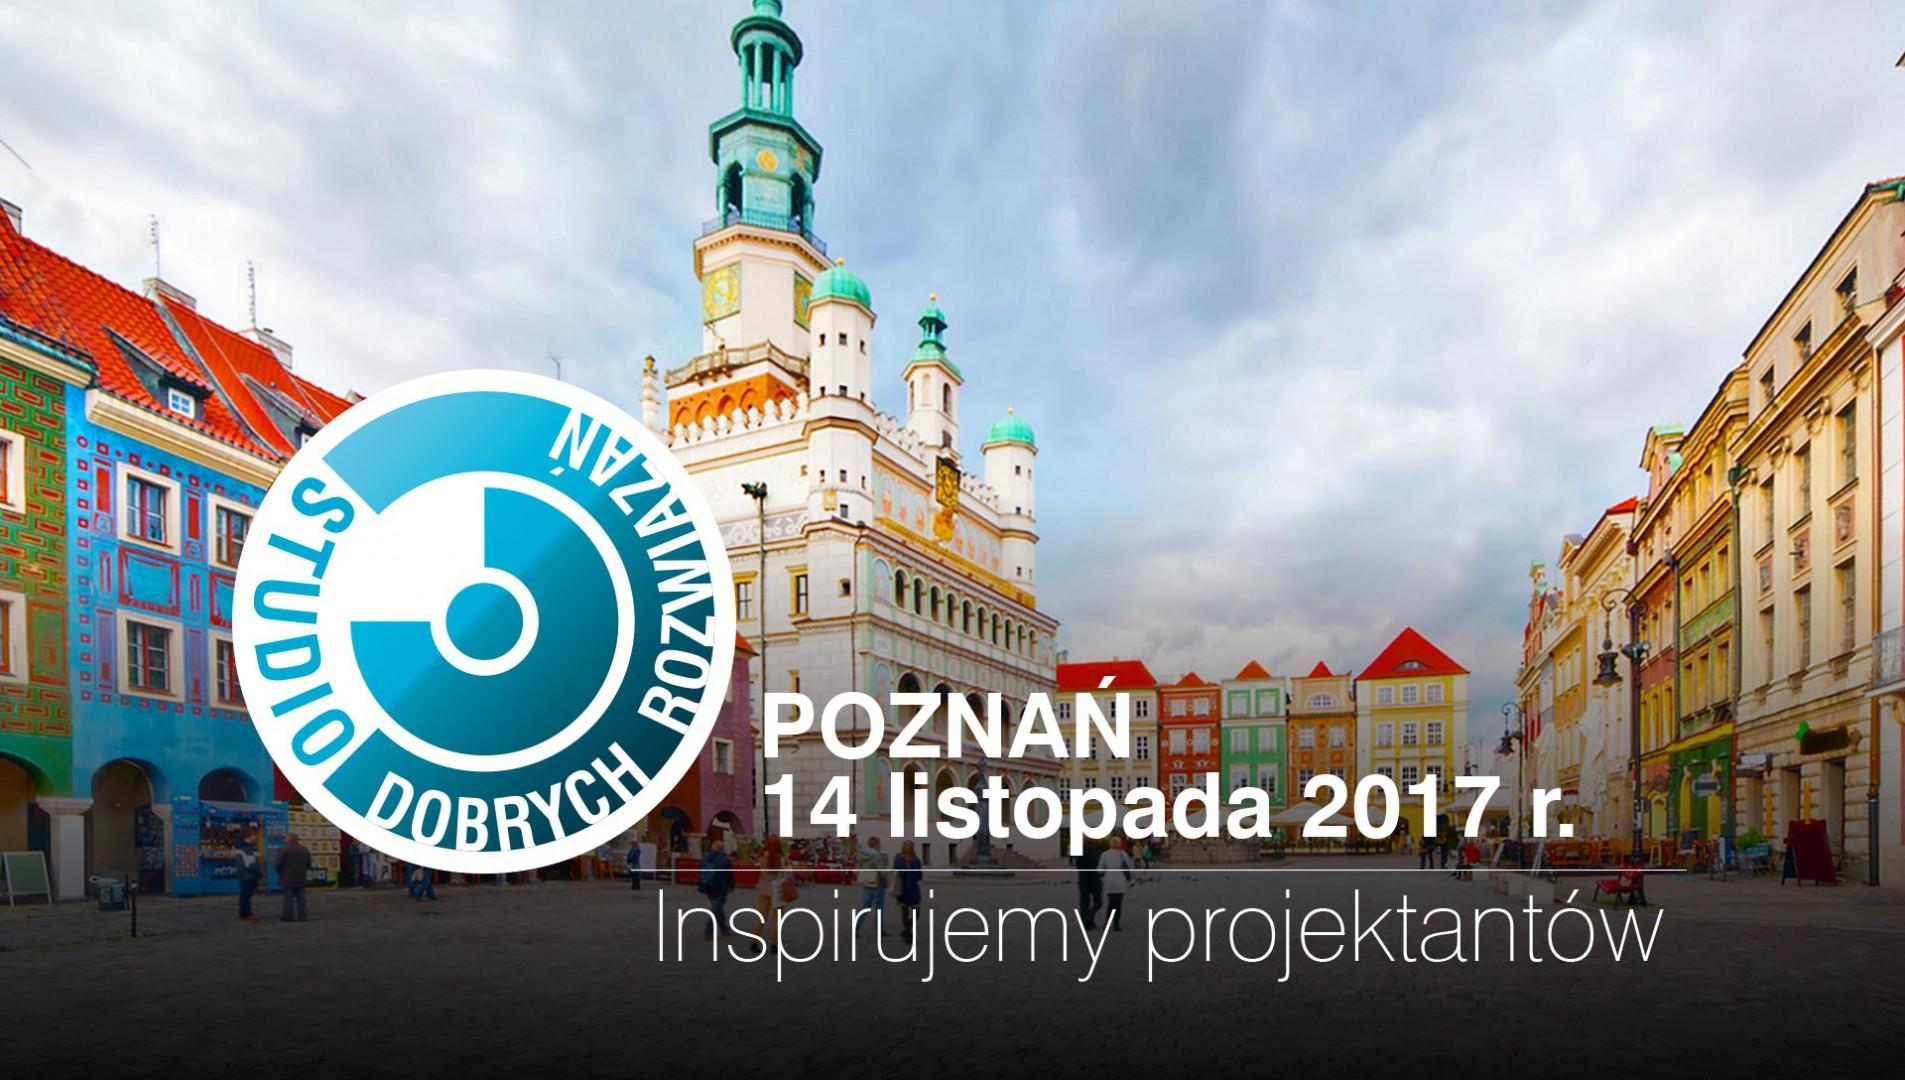 Studio Dobrych Rozwiązań, Poznań, 14 listopada 2017 r.